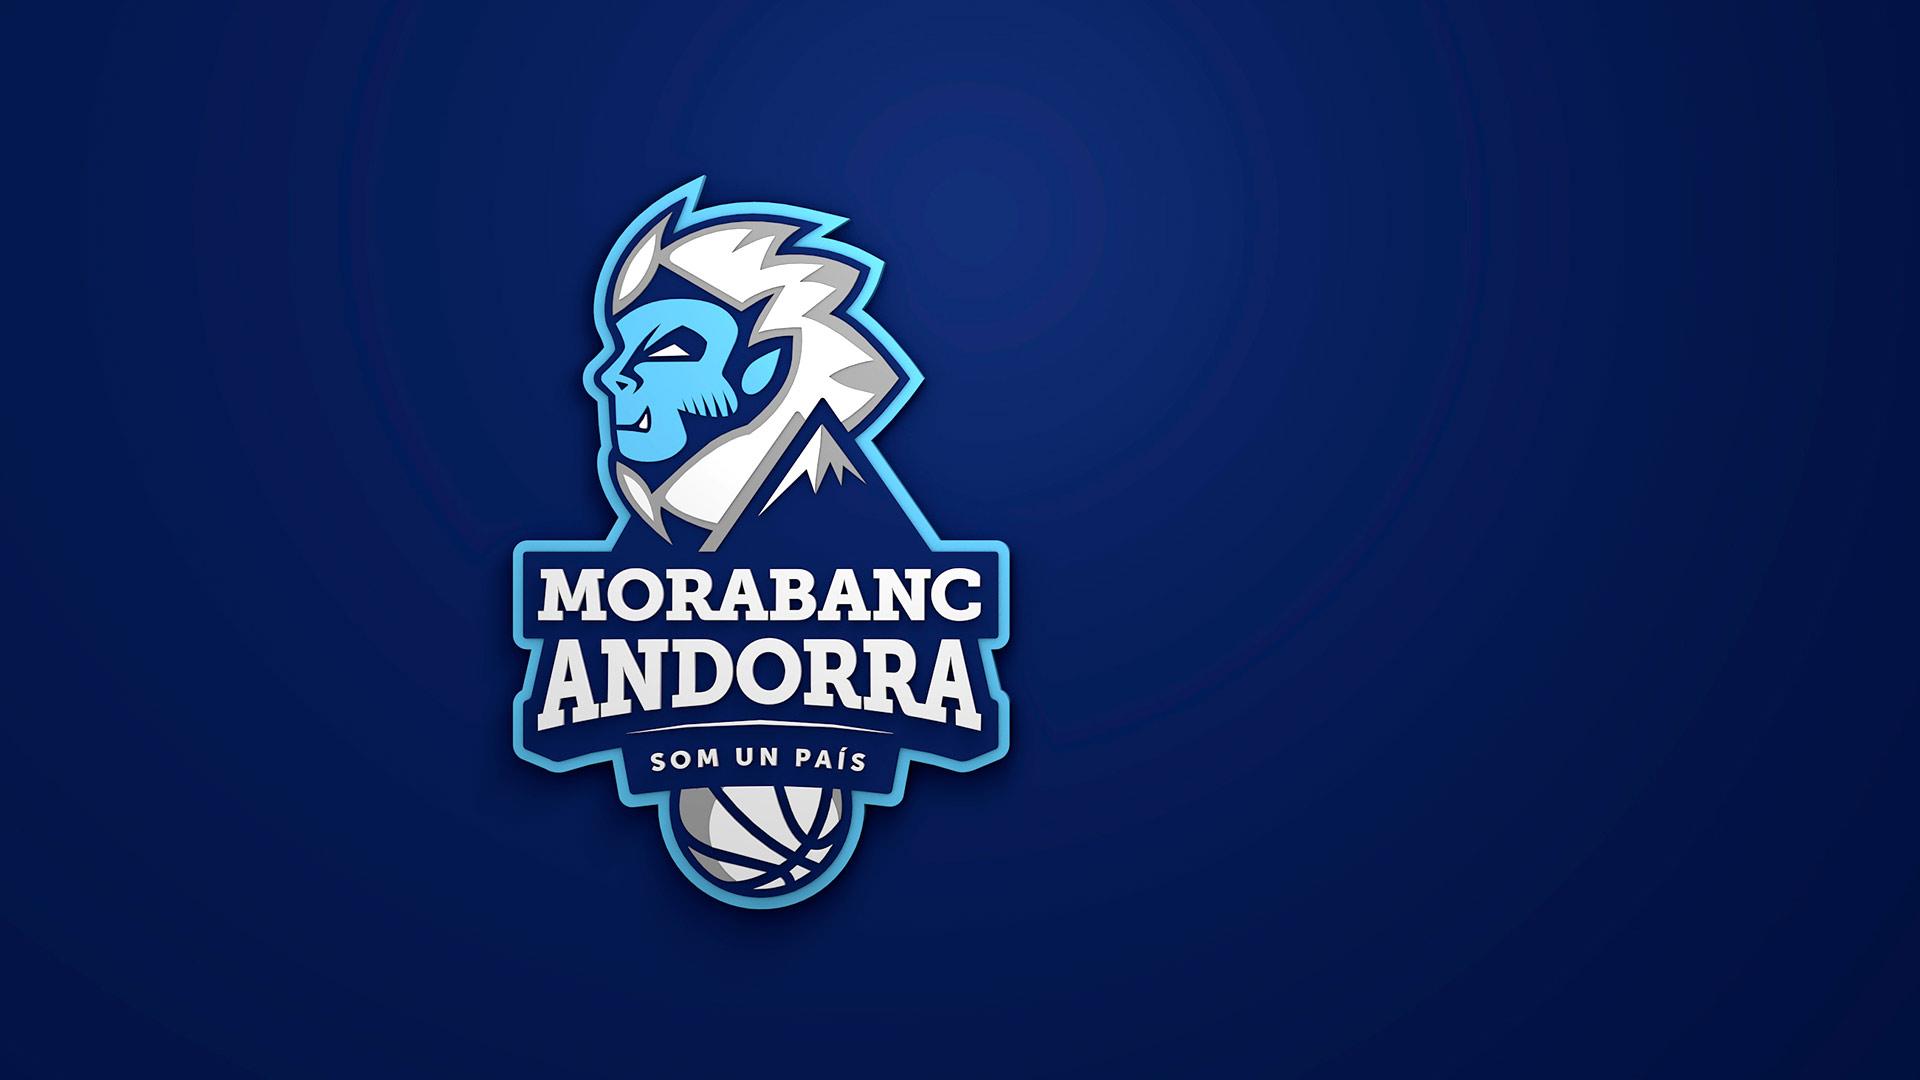 Rediseño Marca e Identidad Corporativa Morabanc Andorra - Marca